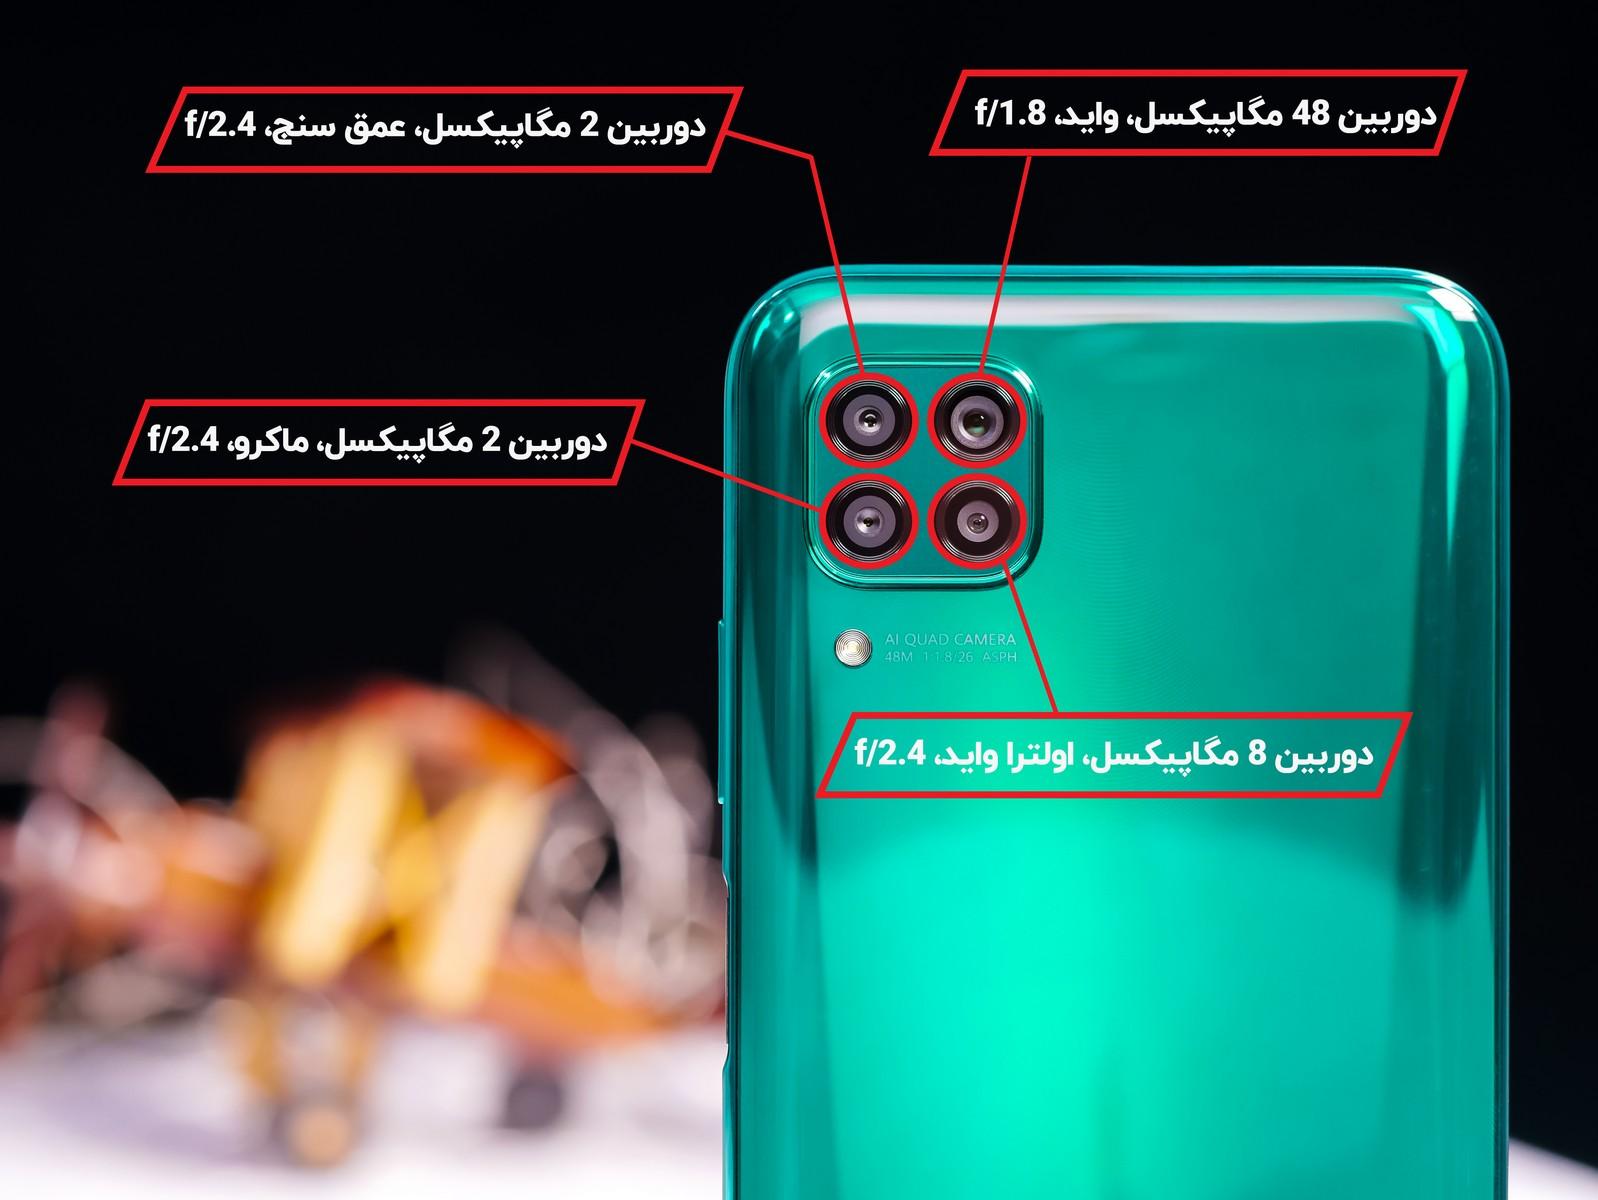 camera-back-cnv.jpg